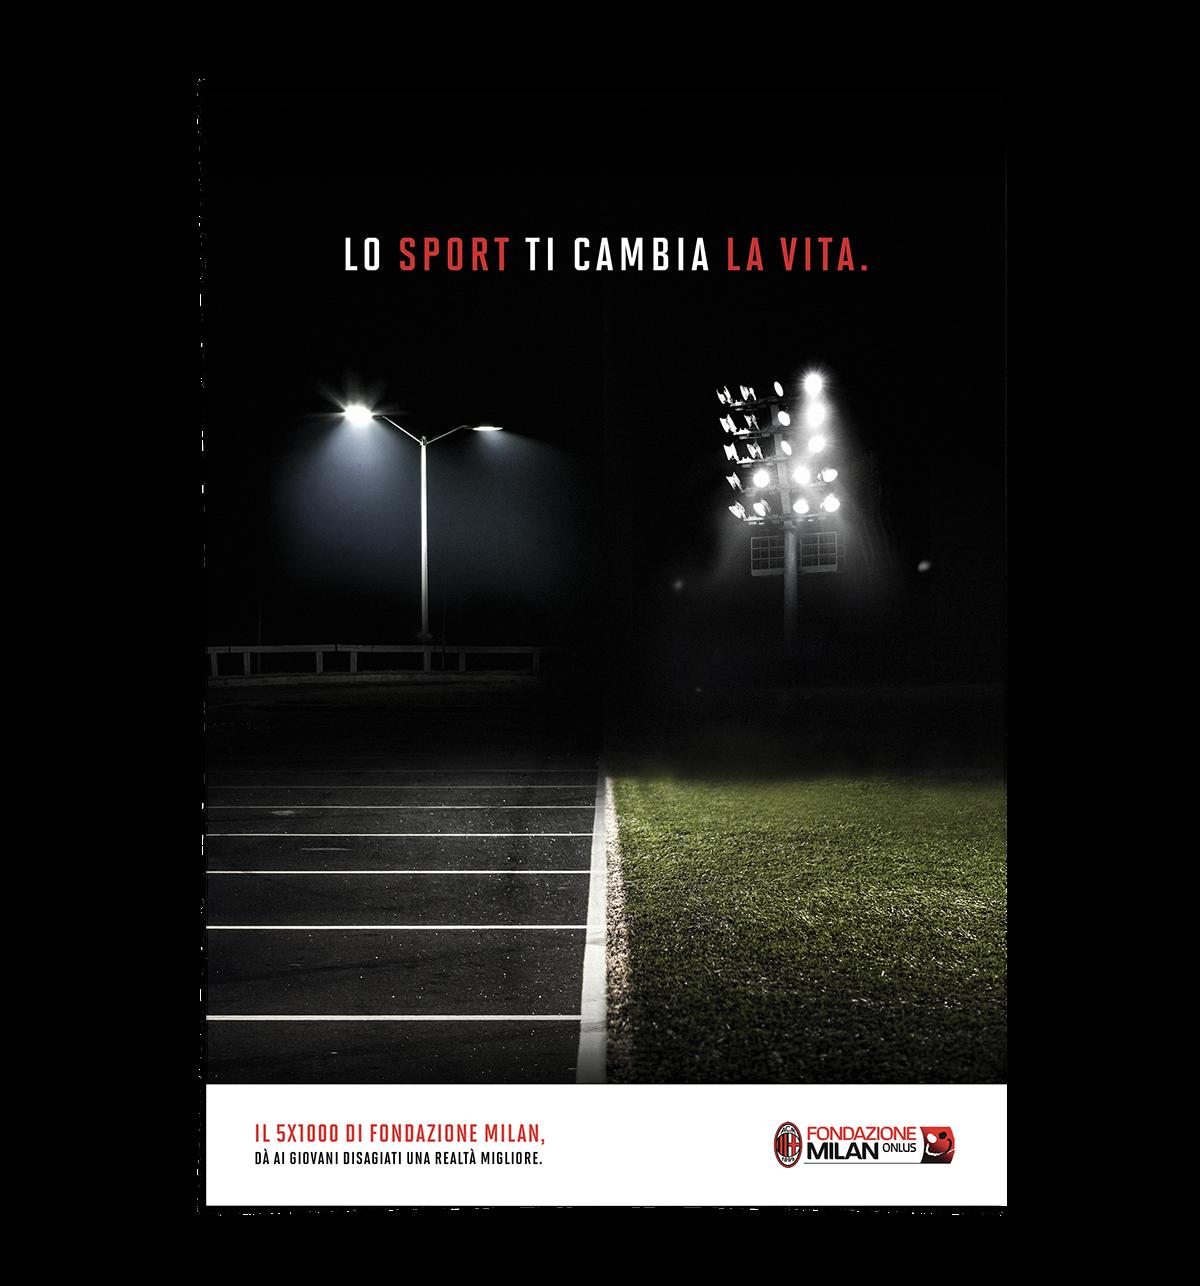 Lo sport ti cambia la vita